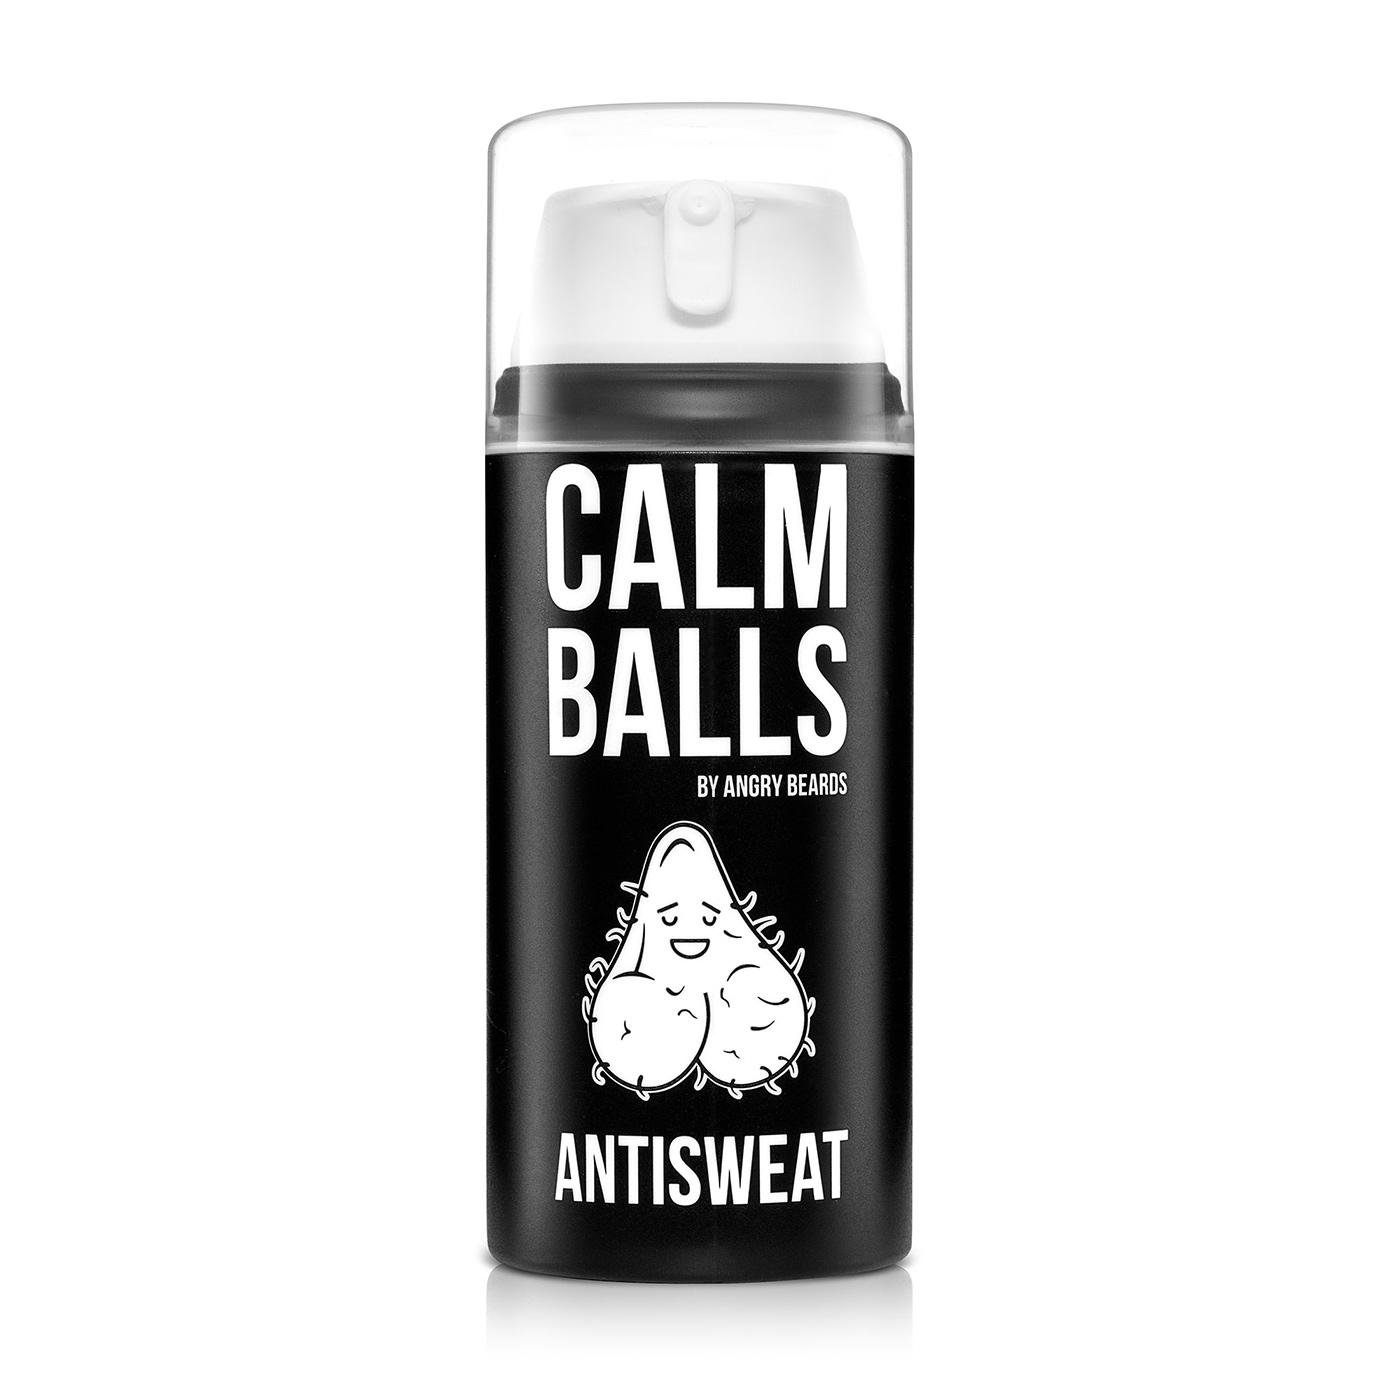 angry-beards-calm-balls